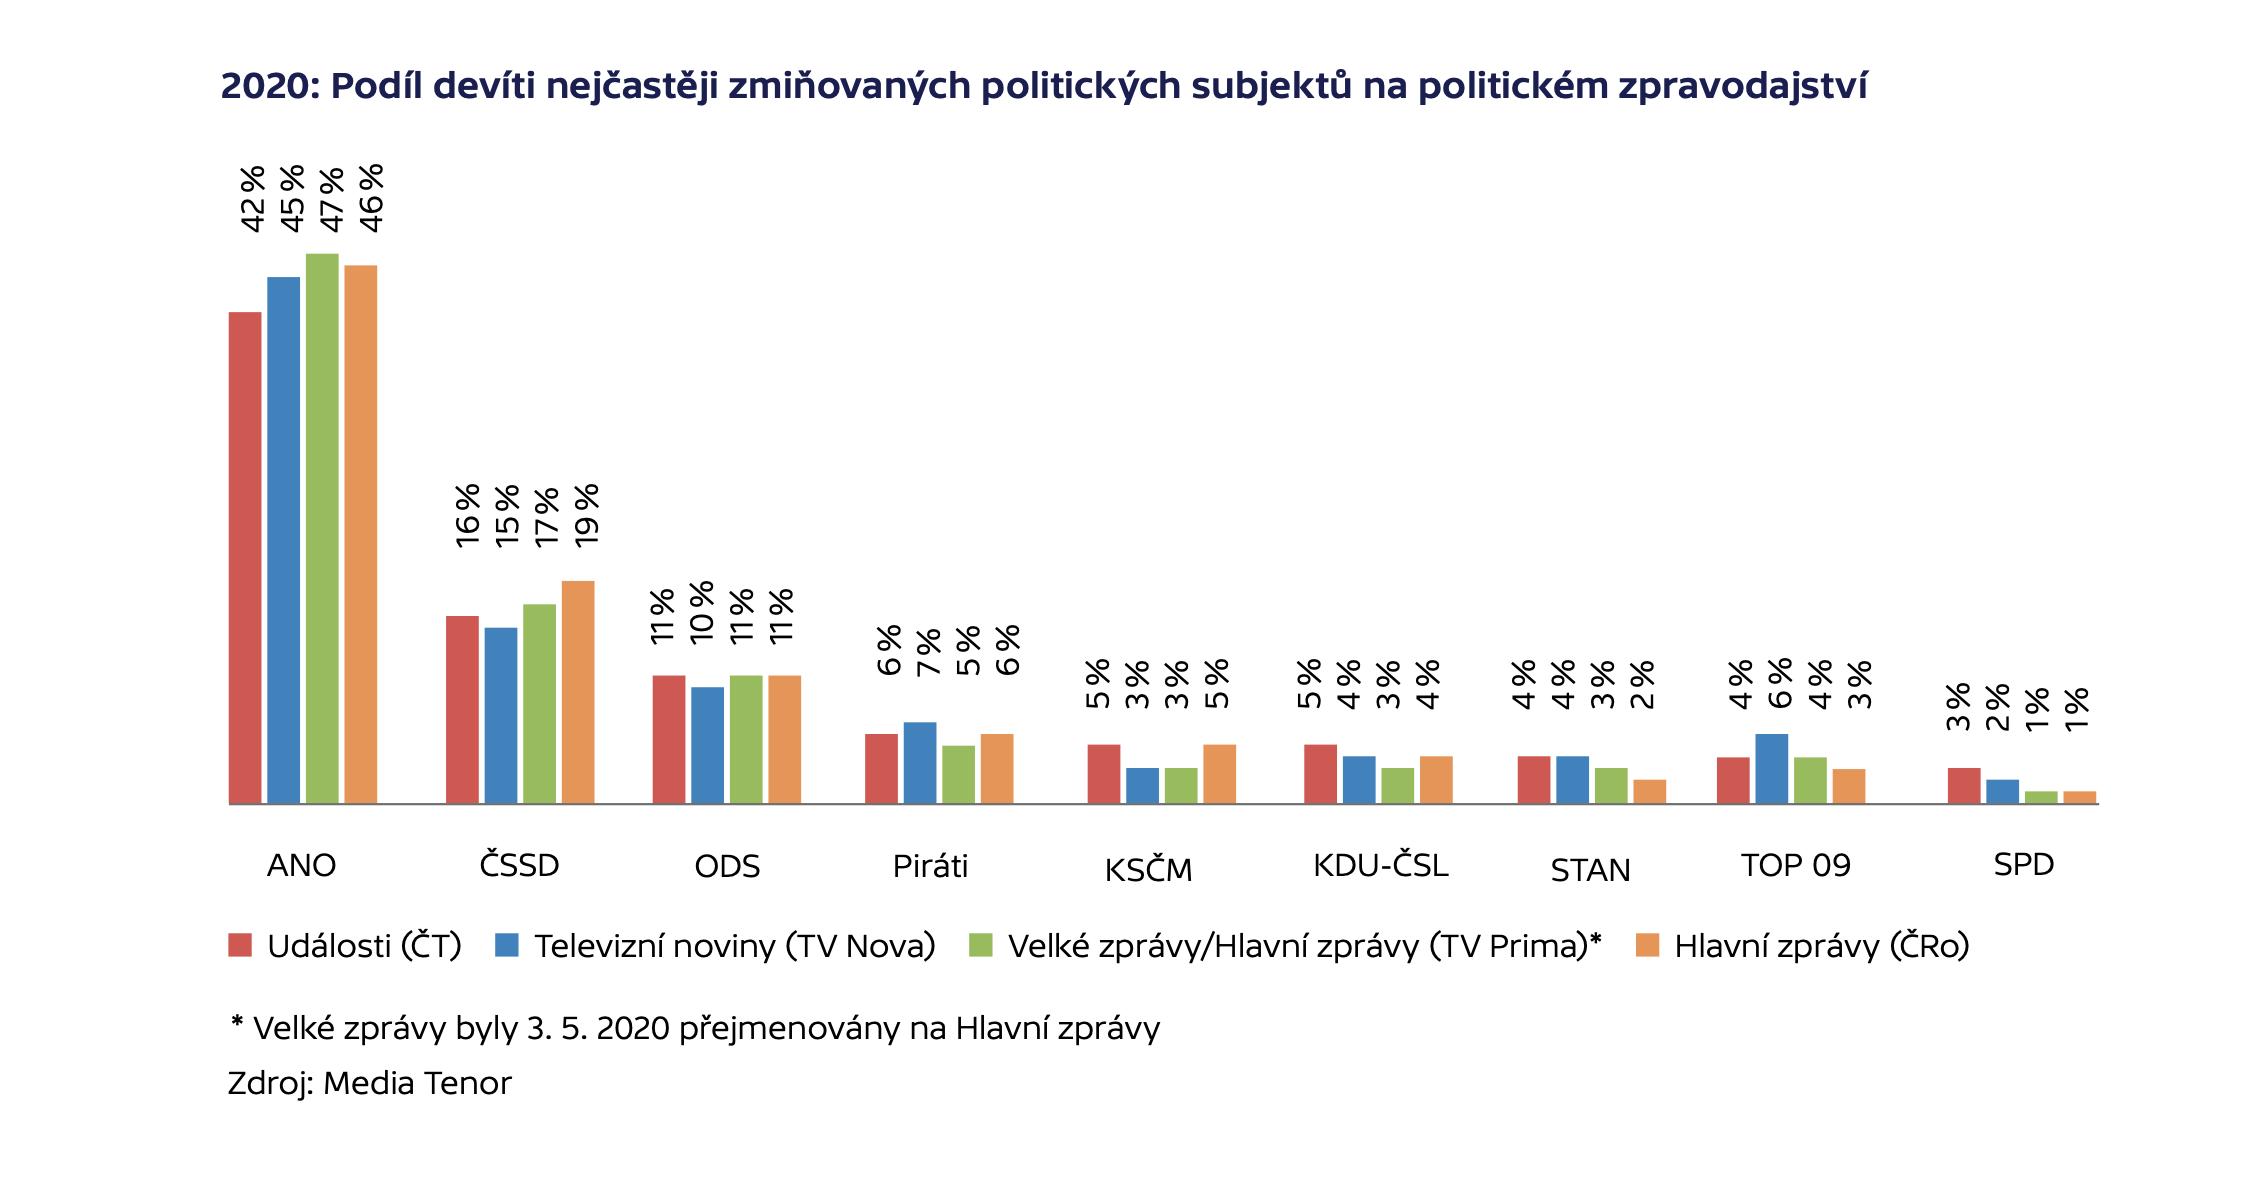 2020: Podíl devíti nejčastěji zmiňovaných politických subjektů na politickém zpravodajství